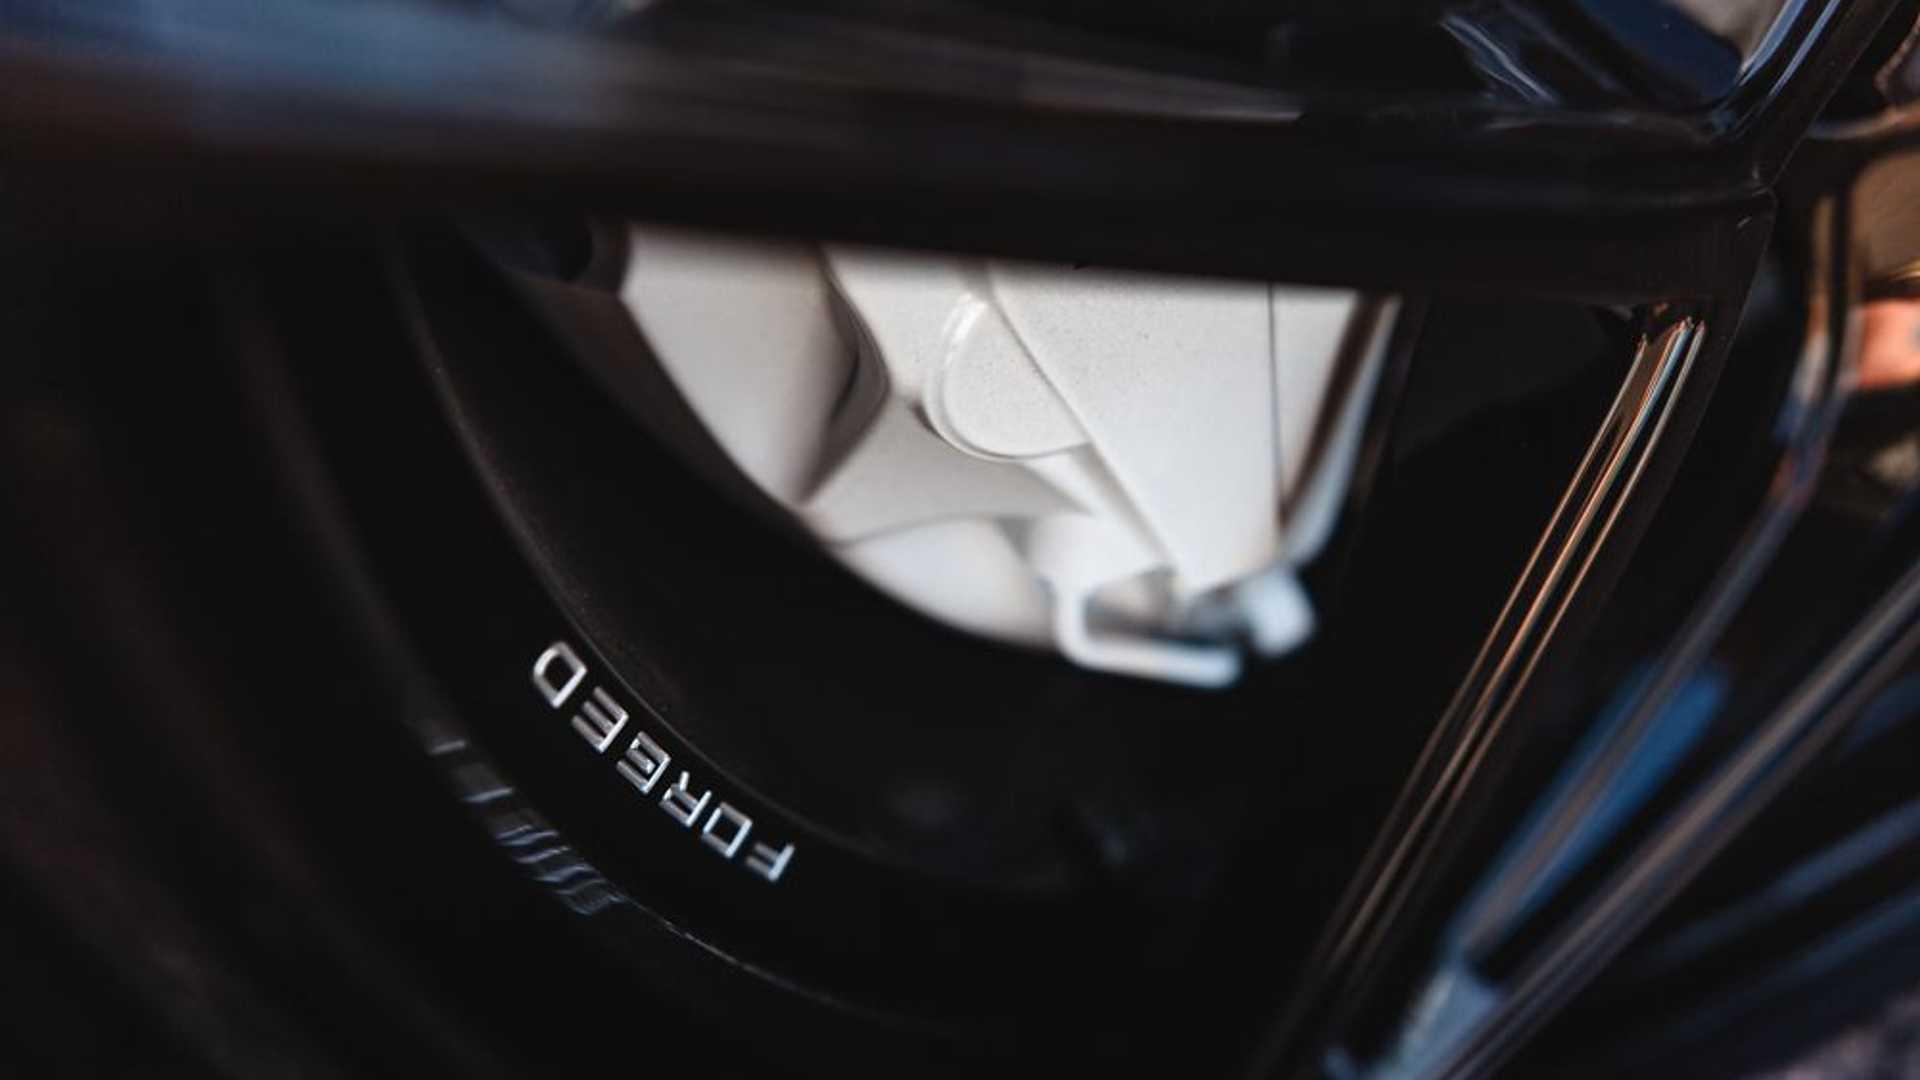 Porsche-Taycan-by-Vivid-Racing-51